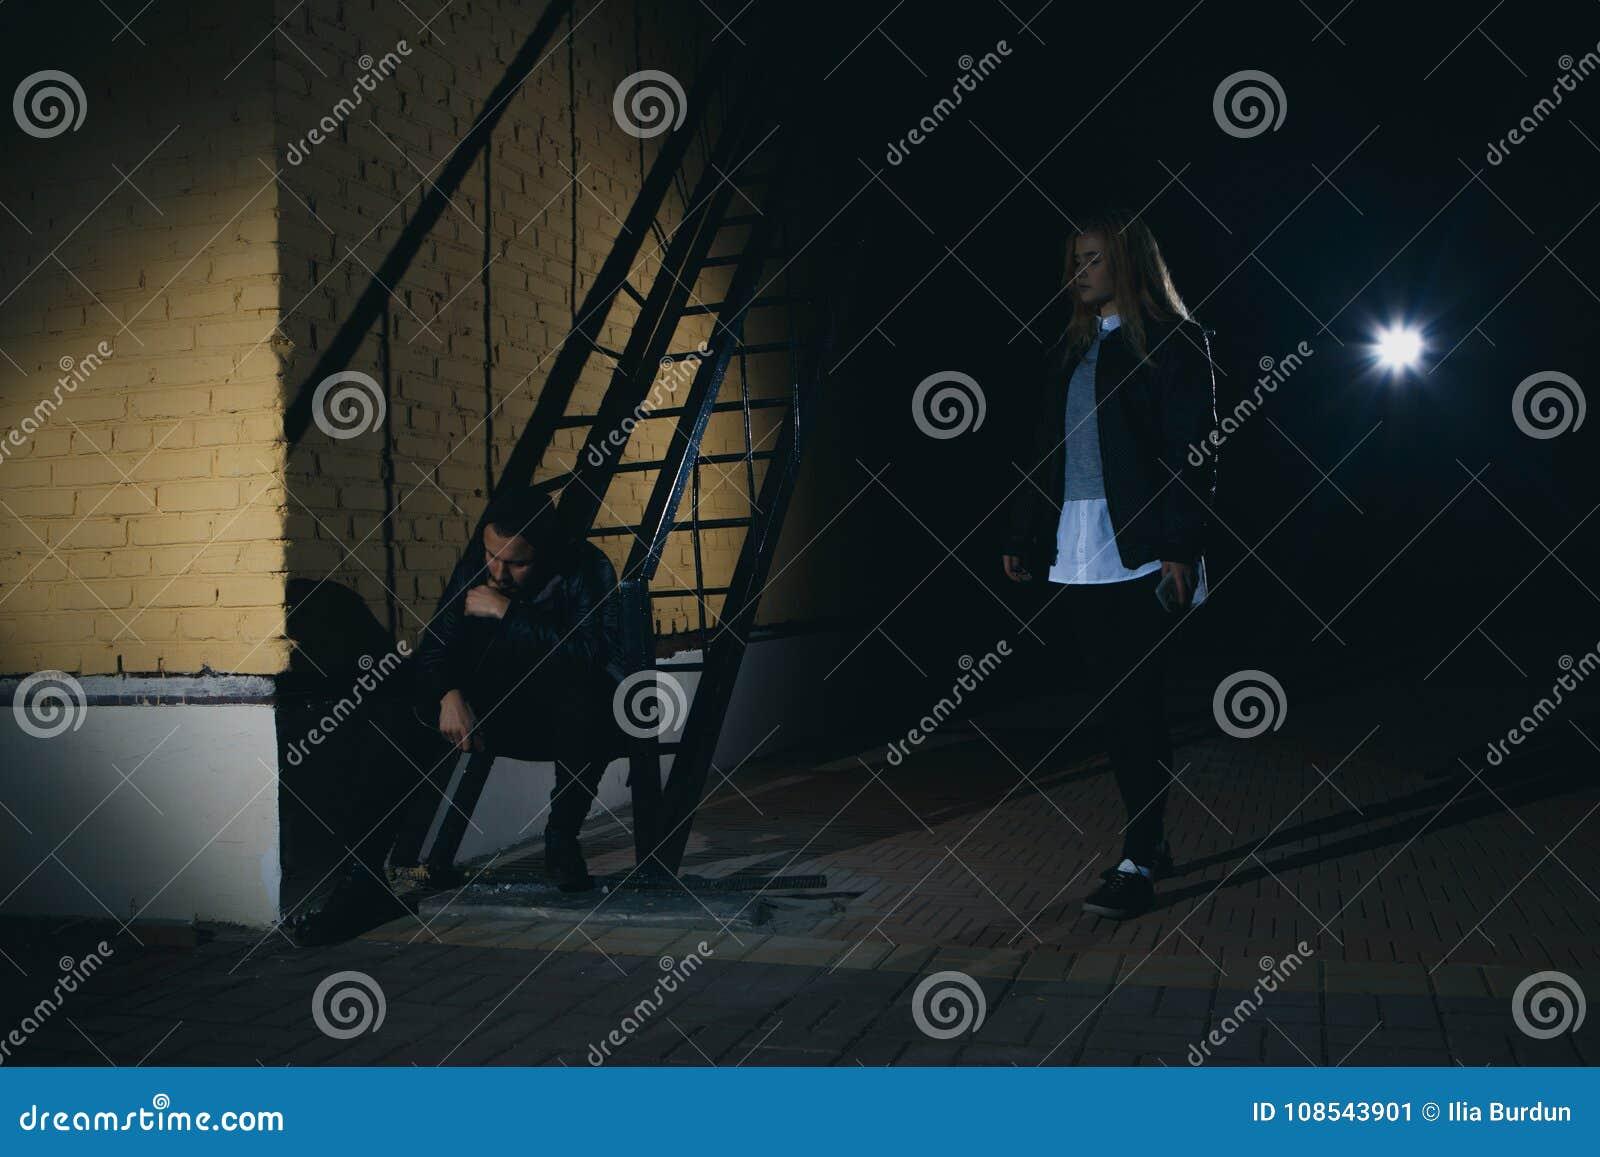 La silhouette d un homme attaque une femme par derrière dans un tunnel foncé Violence contre le concept de femmes Copiez l espace